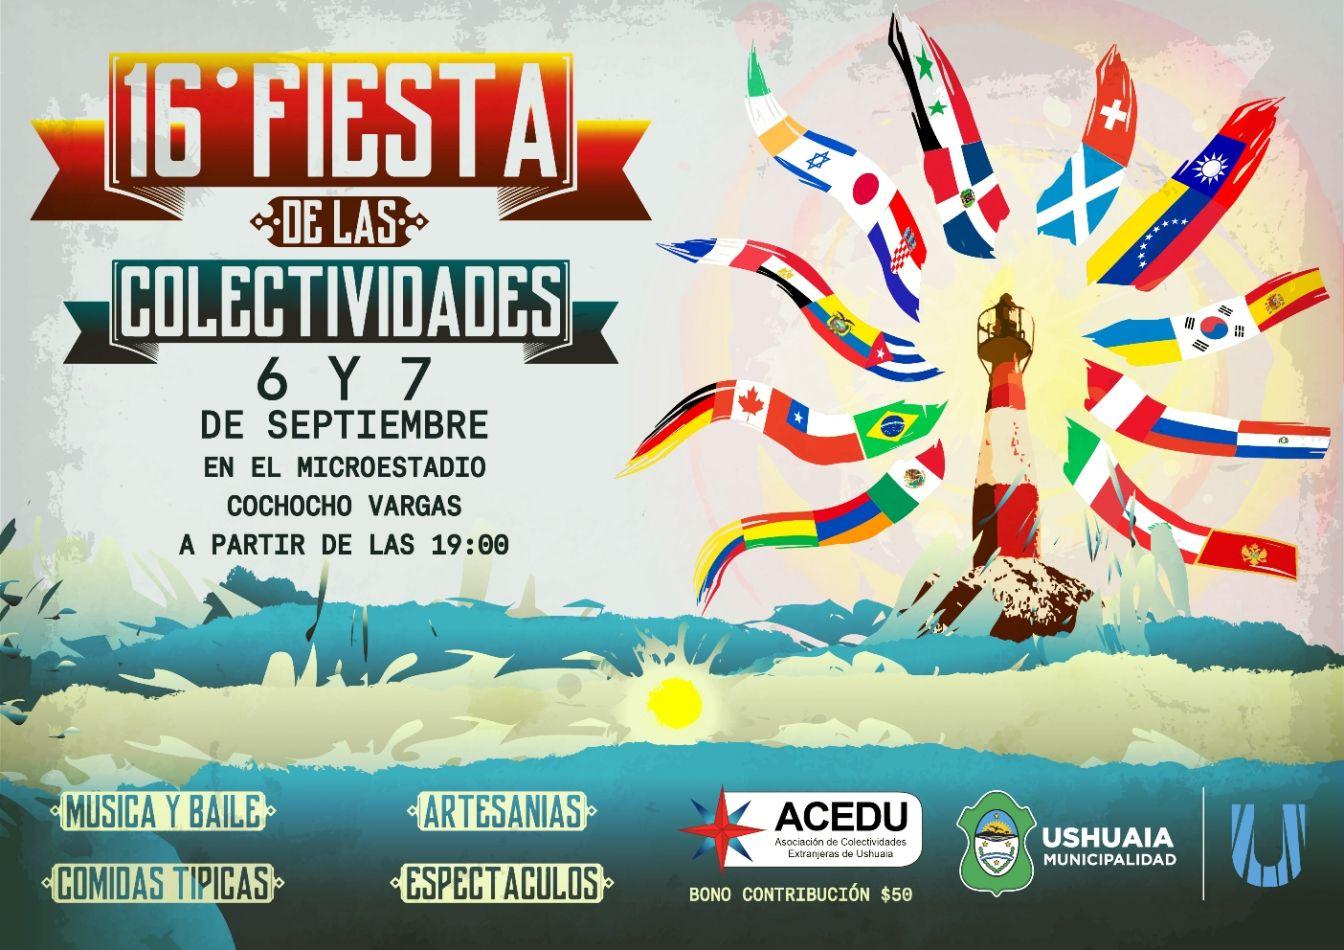 16° Fiesta  de las Colectividades